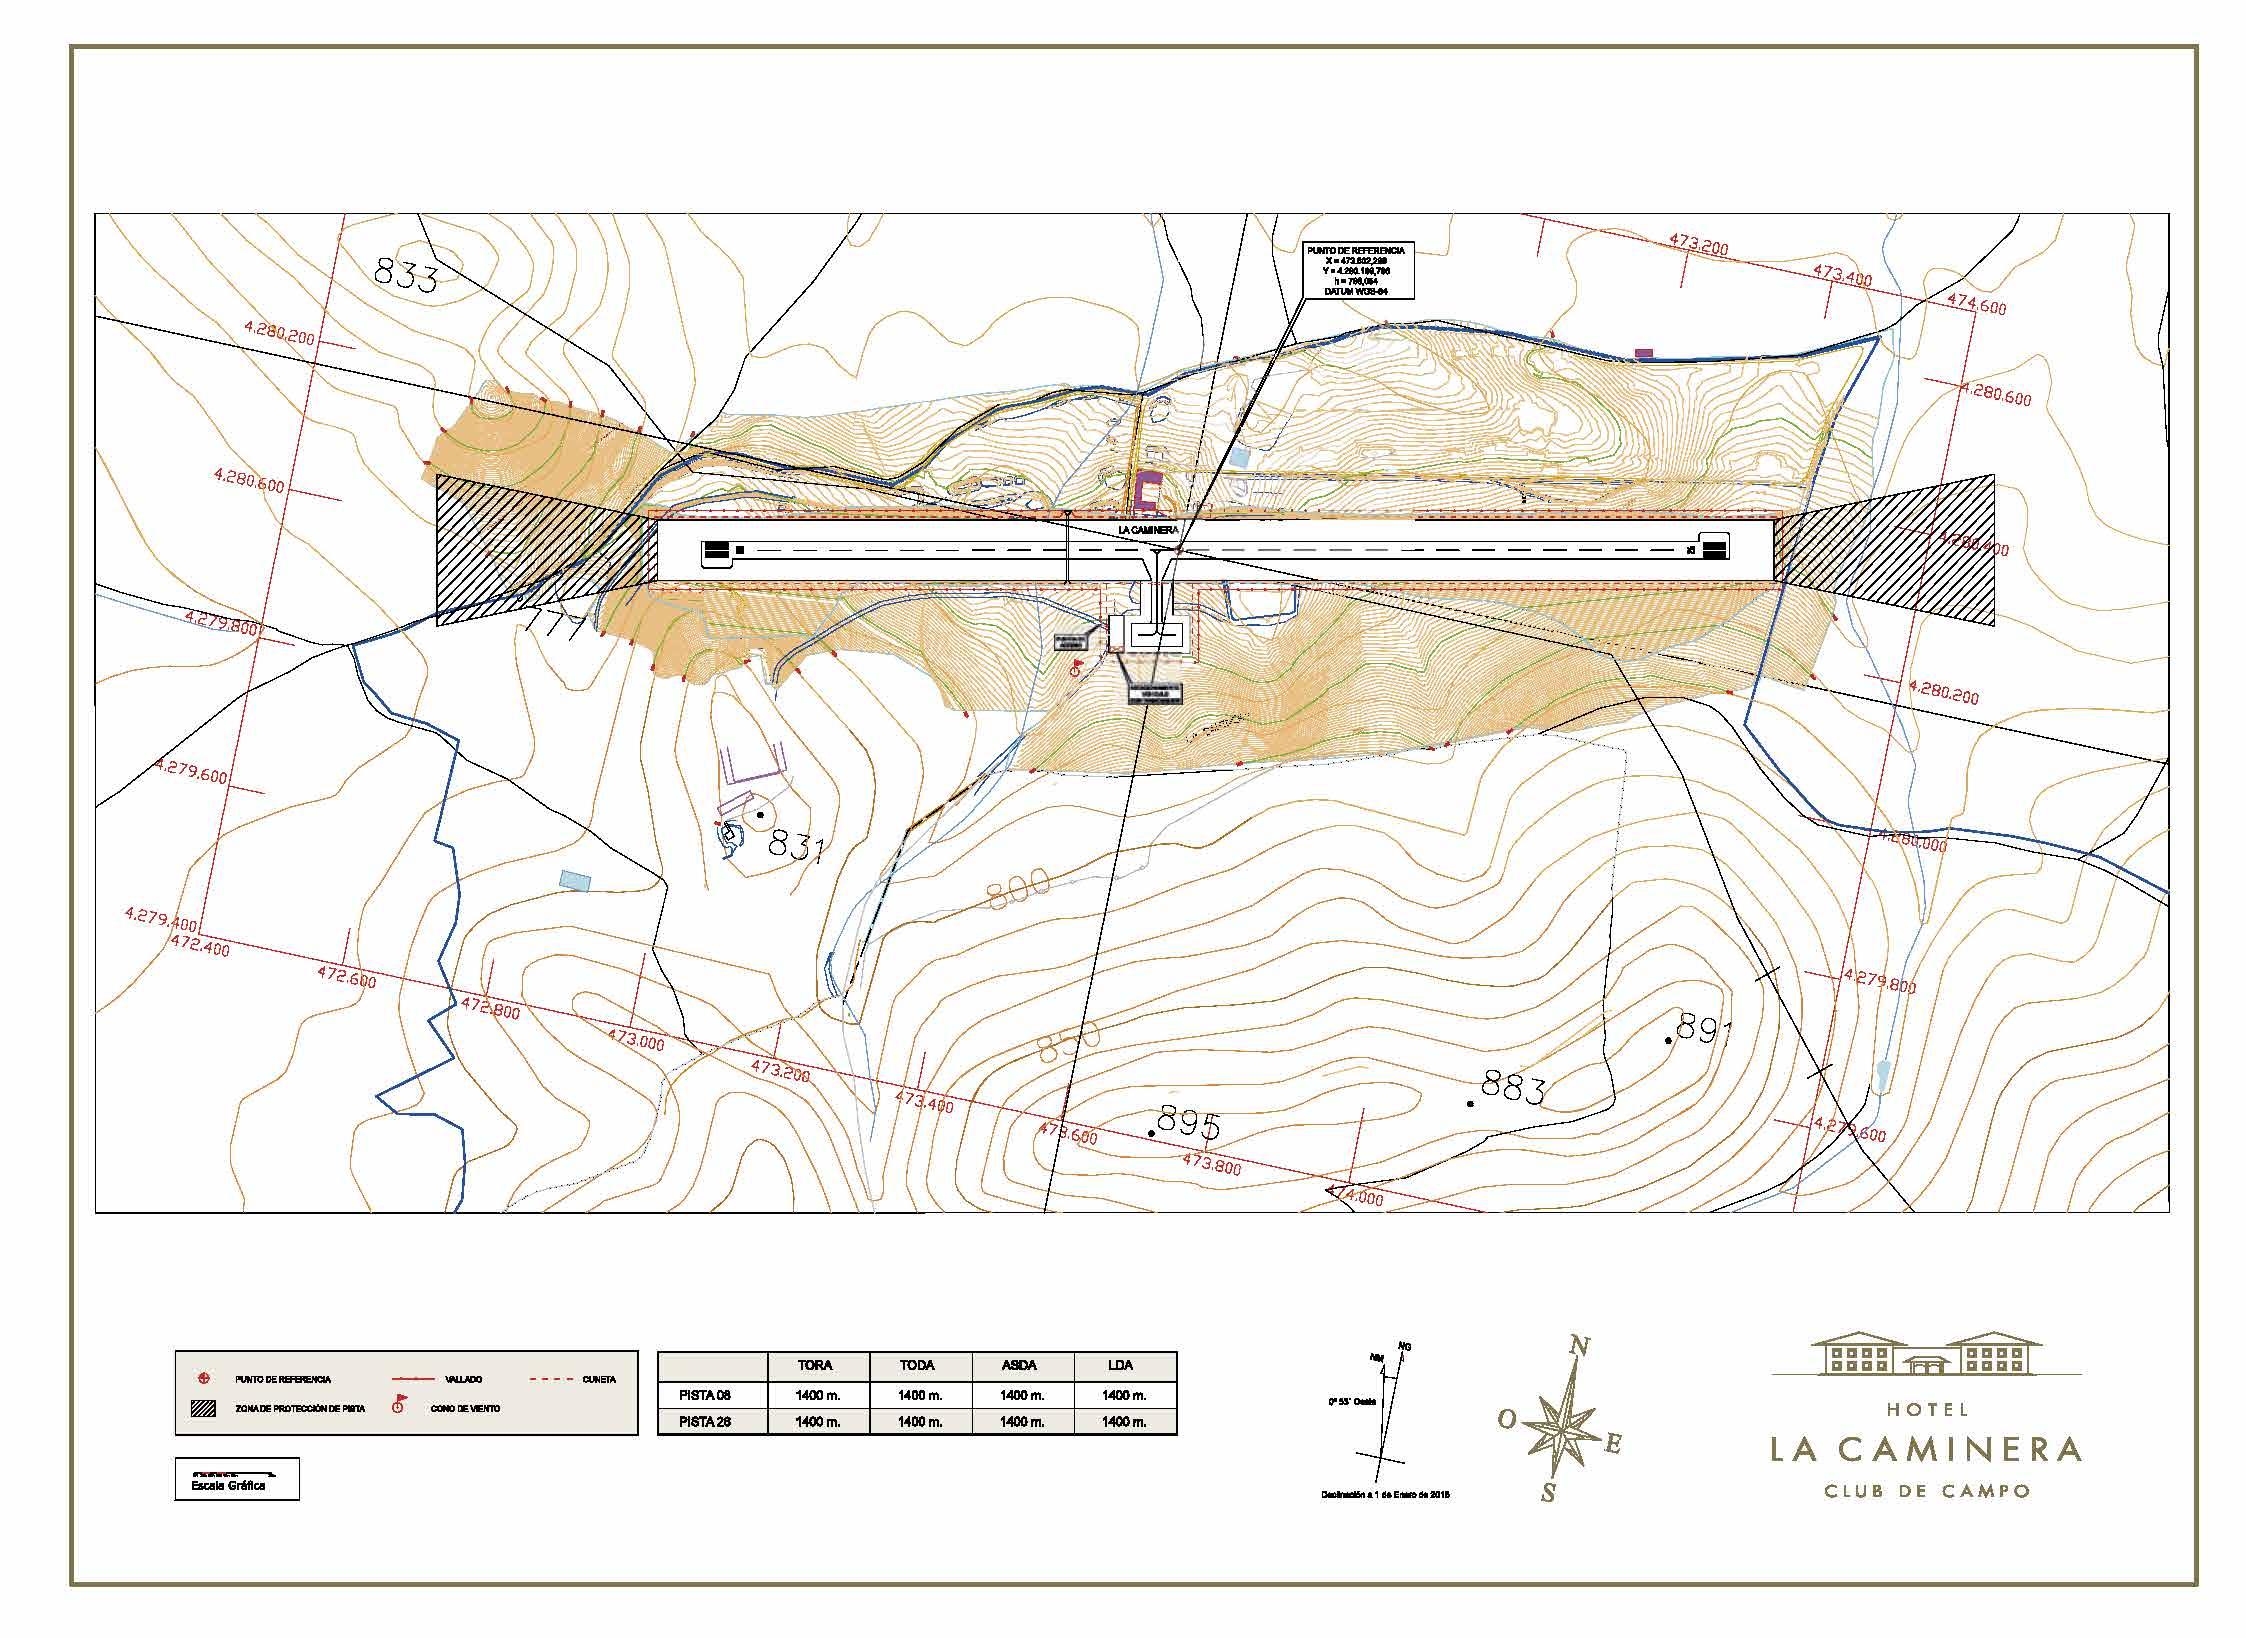 Aeródromo La Caminera carta de aproximación visual VFR